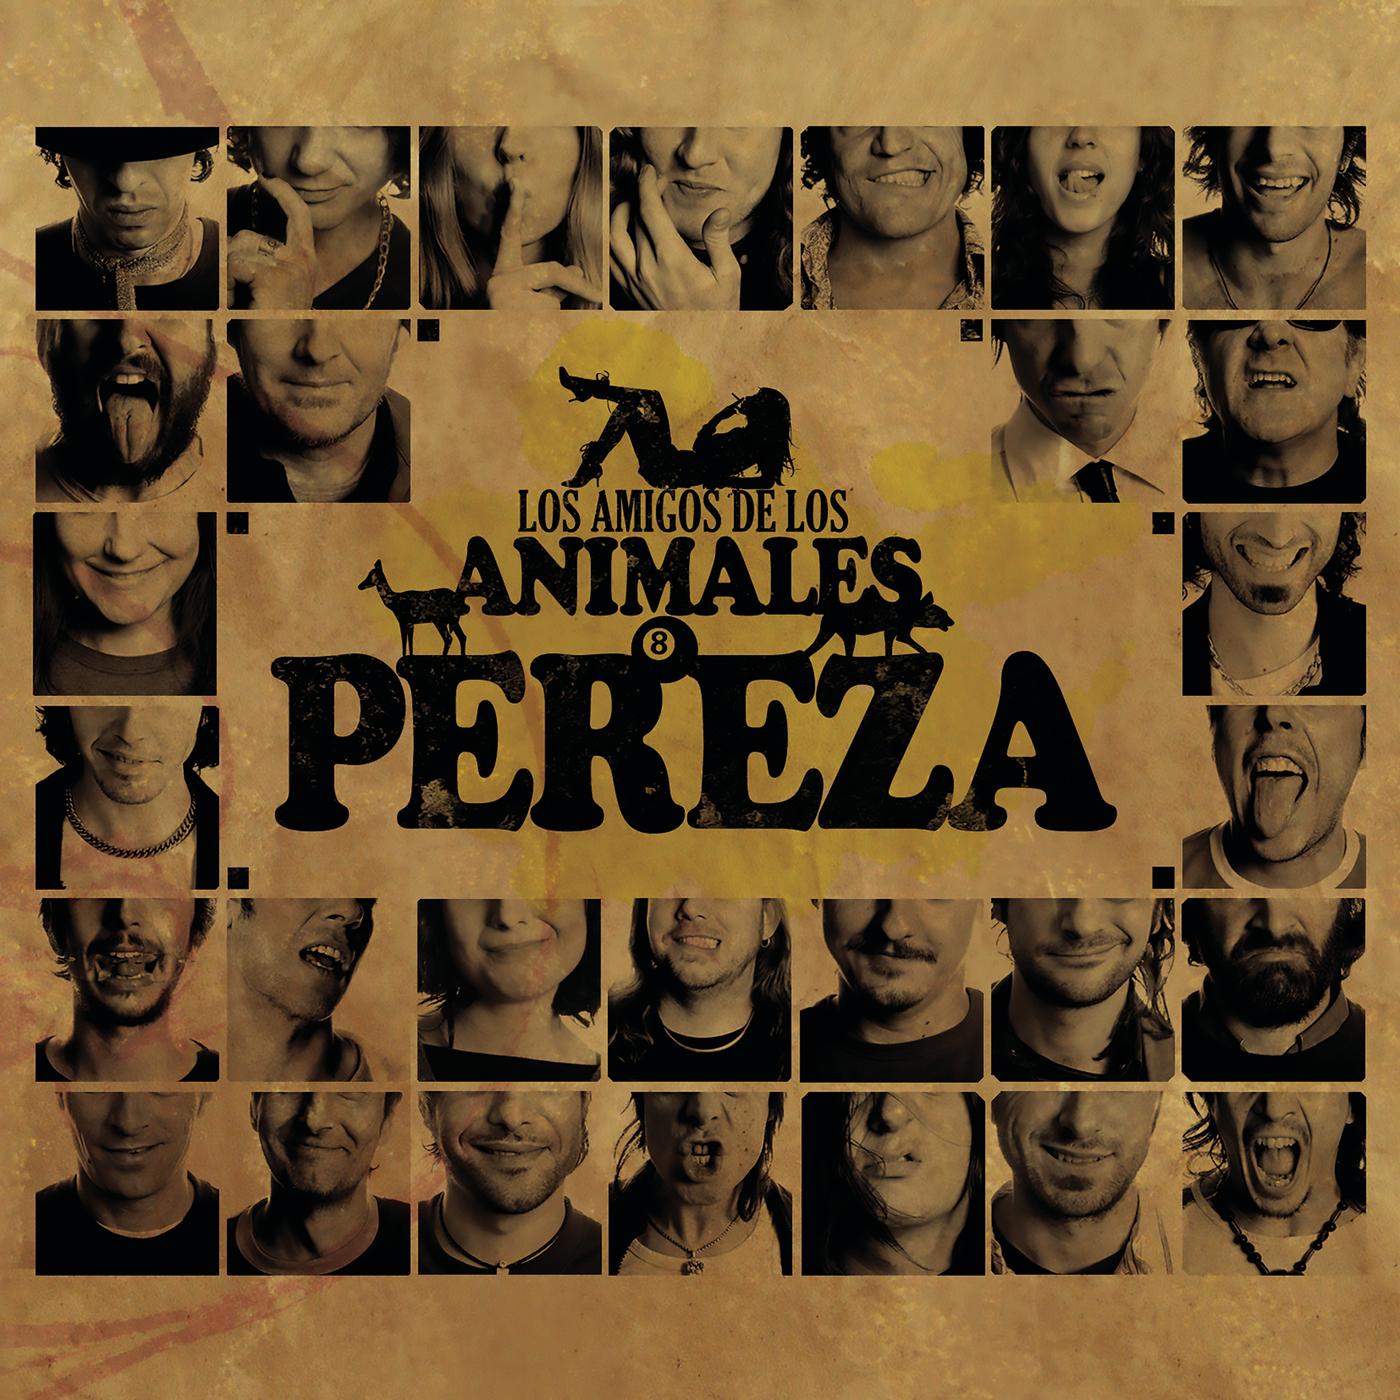 Los Amigos De Los Animales - Pereza